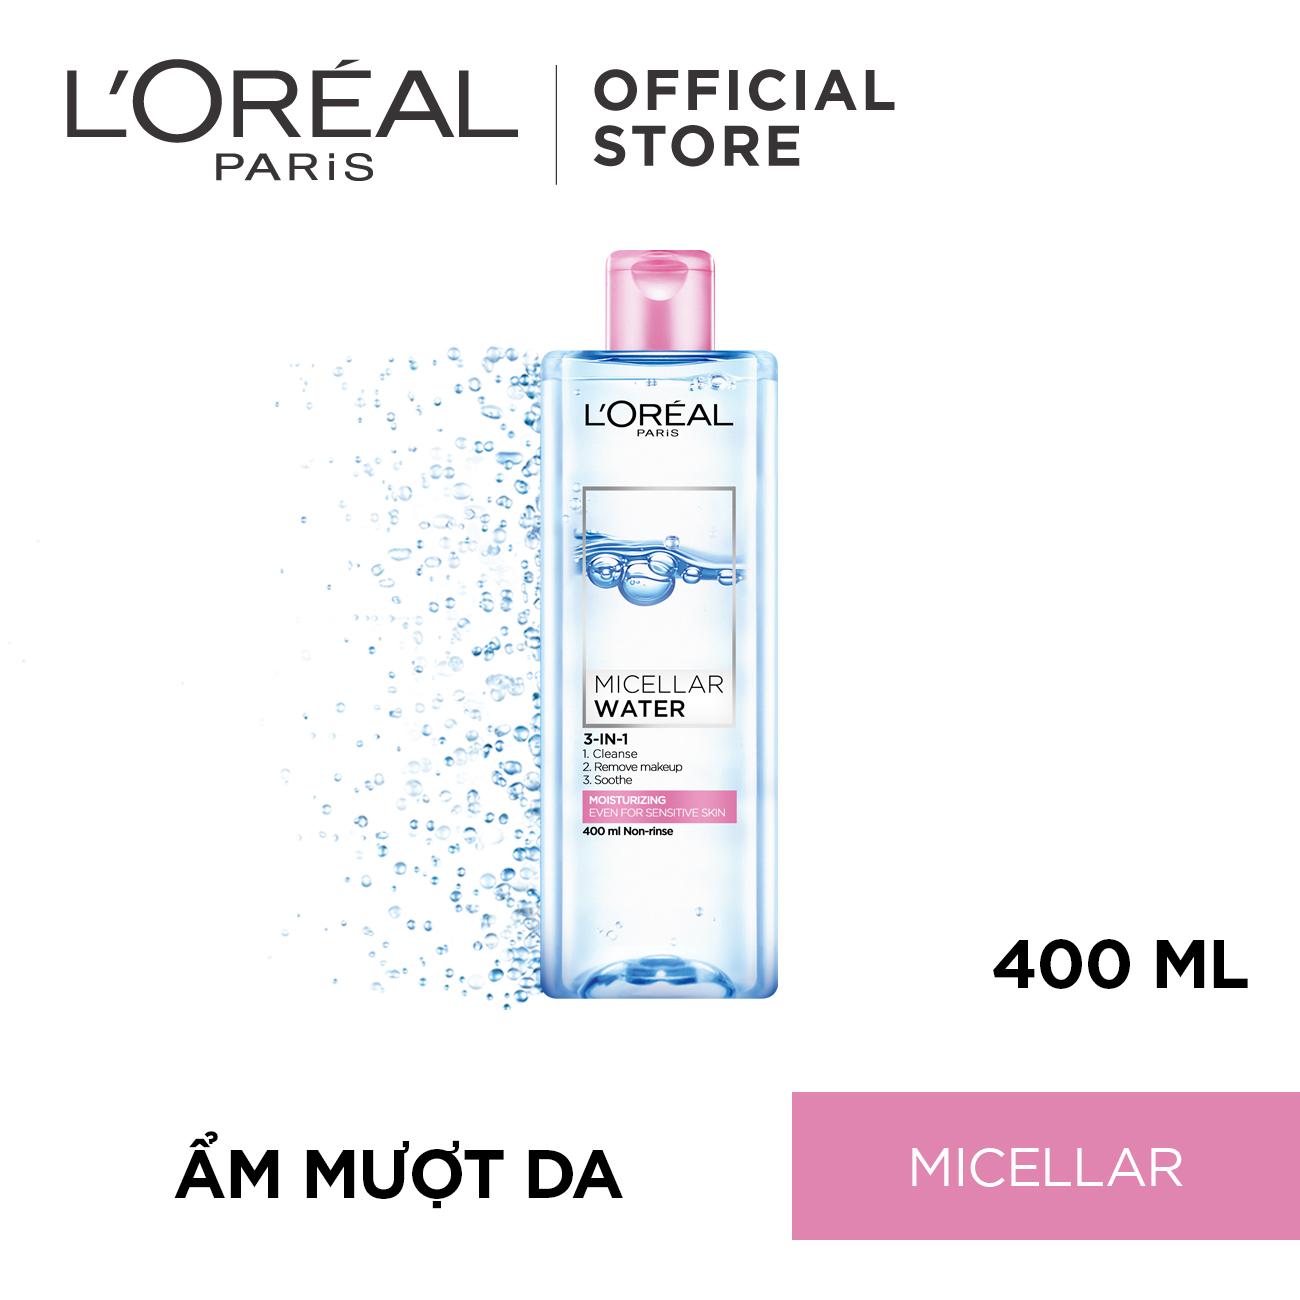 Nước tẩy trang dưỡng ẩm L'Oreal Paris Micellar Water 400ml (màu hồng)